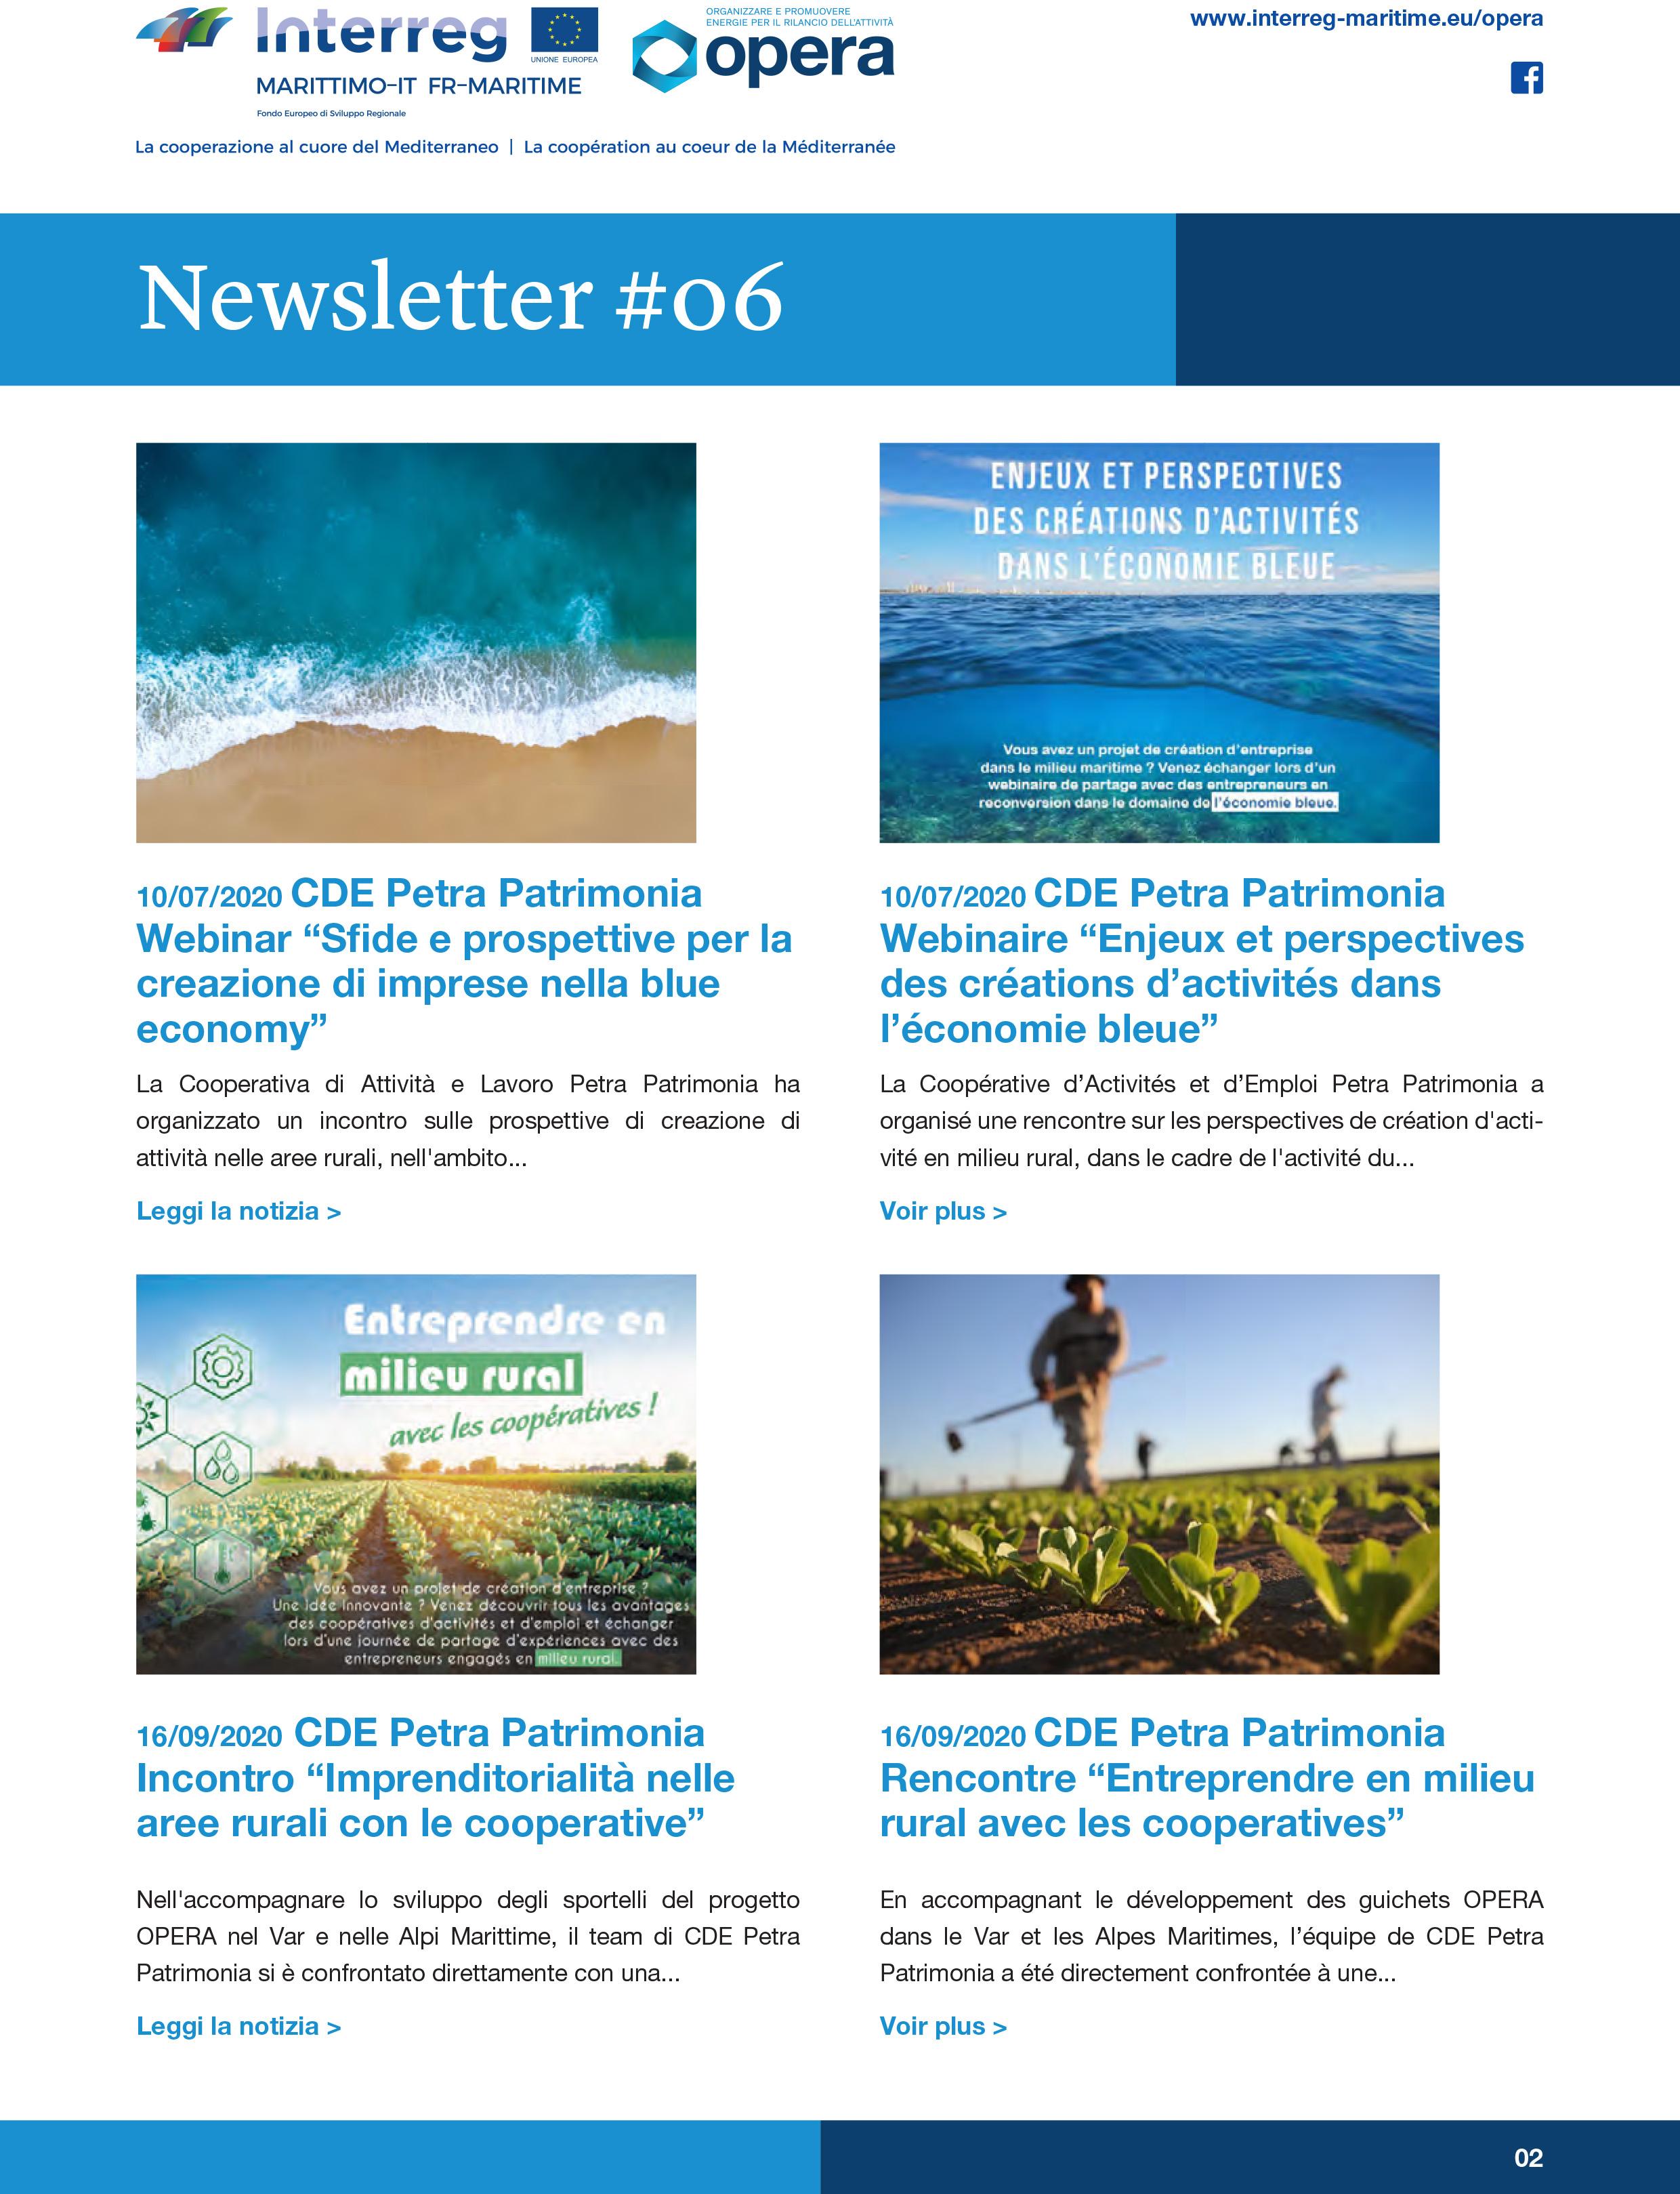 [Newsletter#6] 📑O.P.E.R.A. (Organizzare e Promuovere le Energie per il Rilancio della Attività)